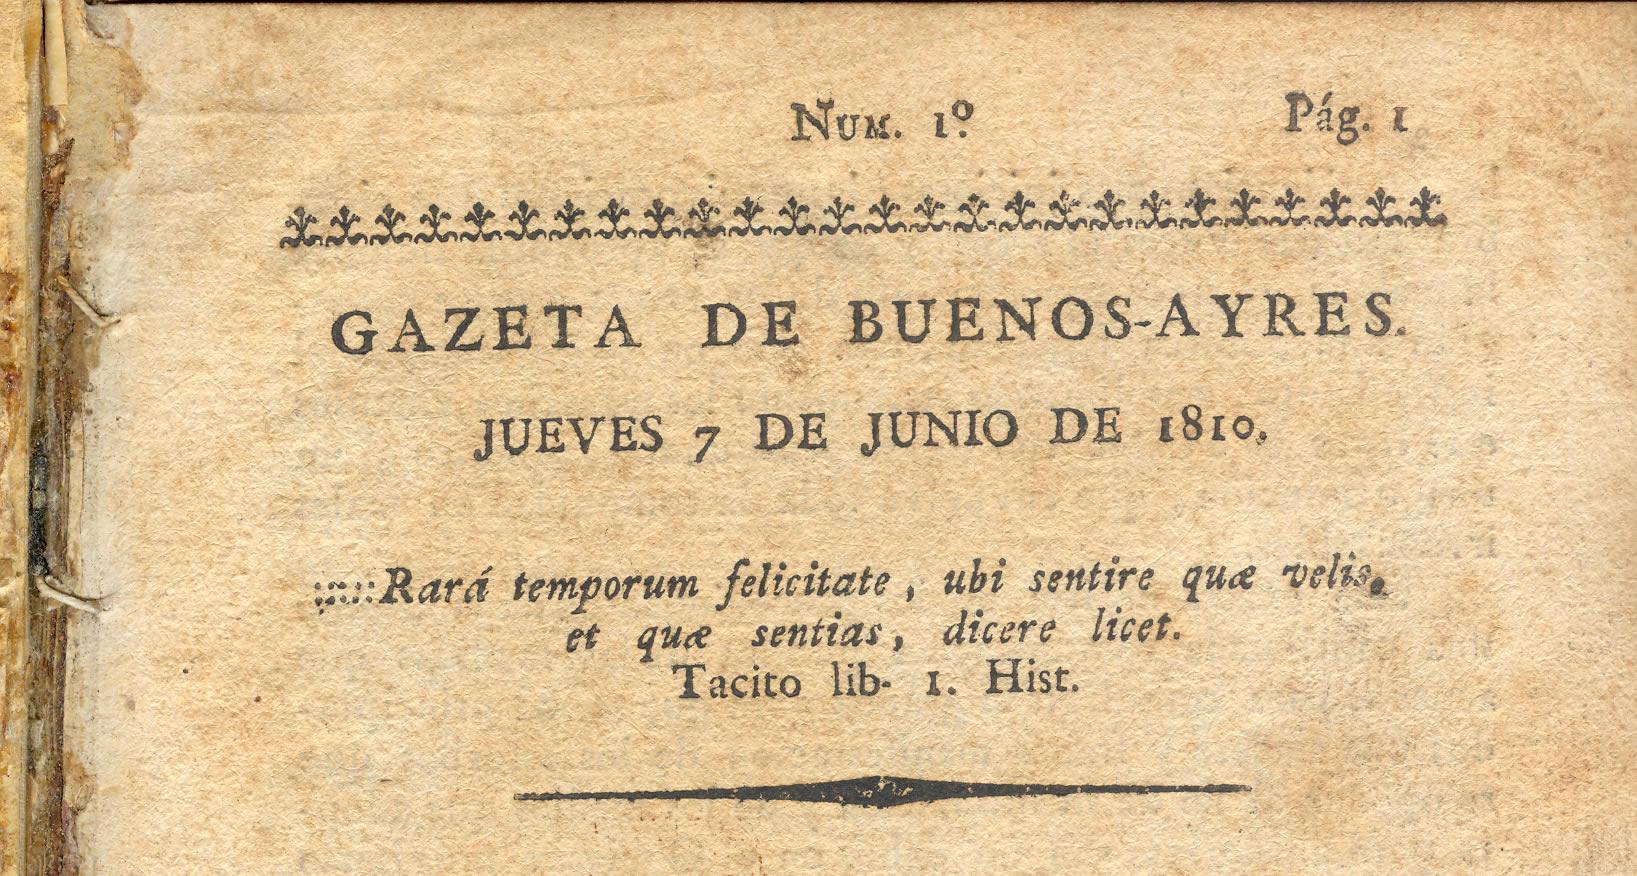 El 7 de junio se celebra el día del periodista en Argentina, en homenaje a la aparición del primer periódico patrio, La Gazeta de Buenos Ayres, fundada por Mariano Moreno en 1810.